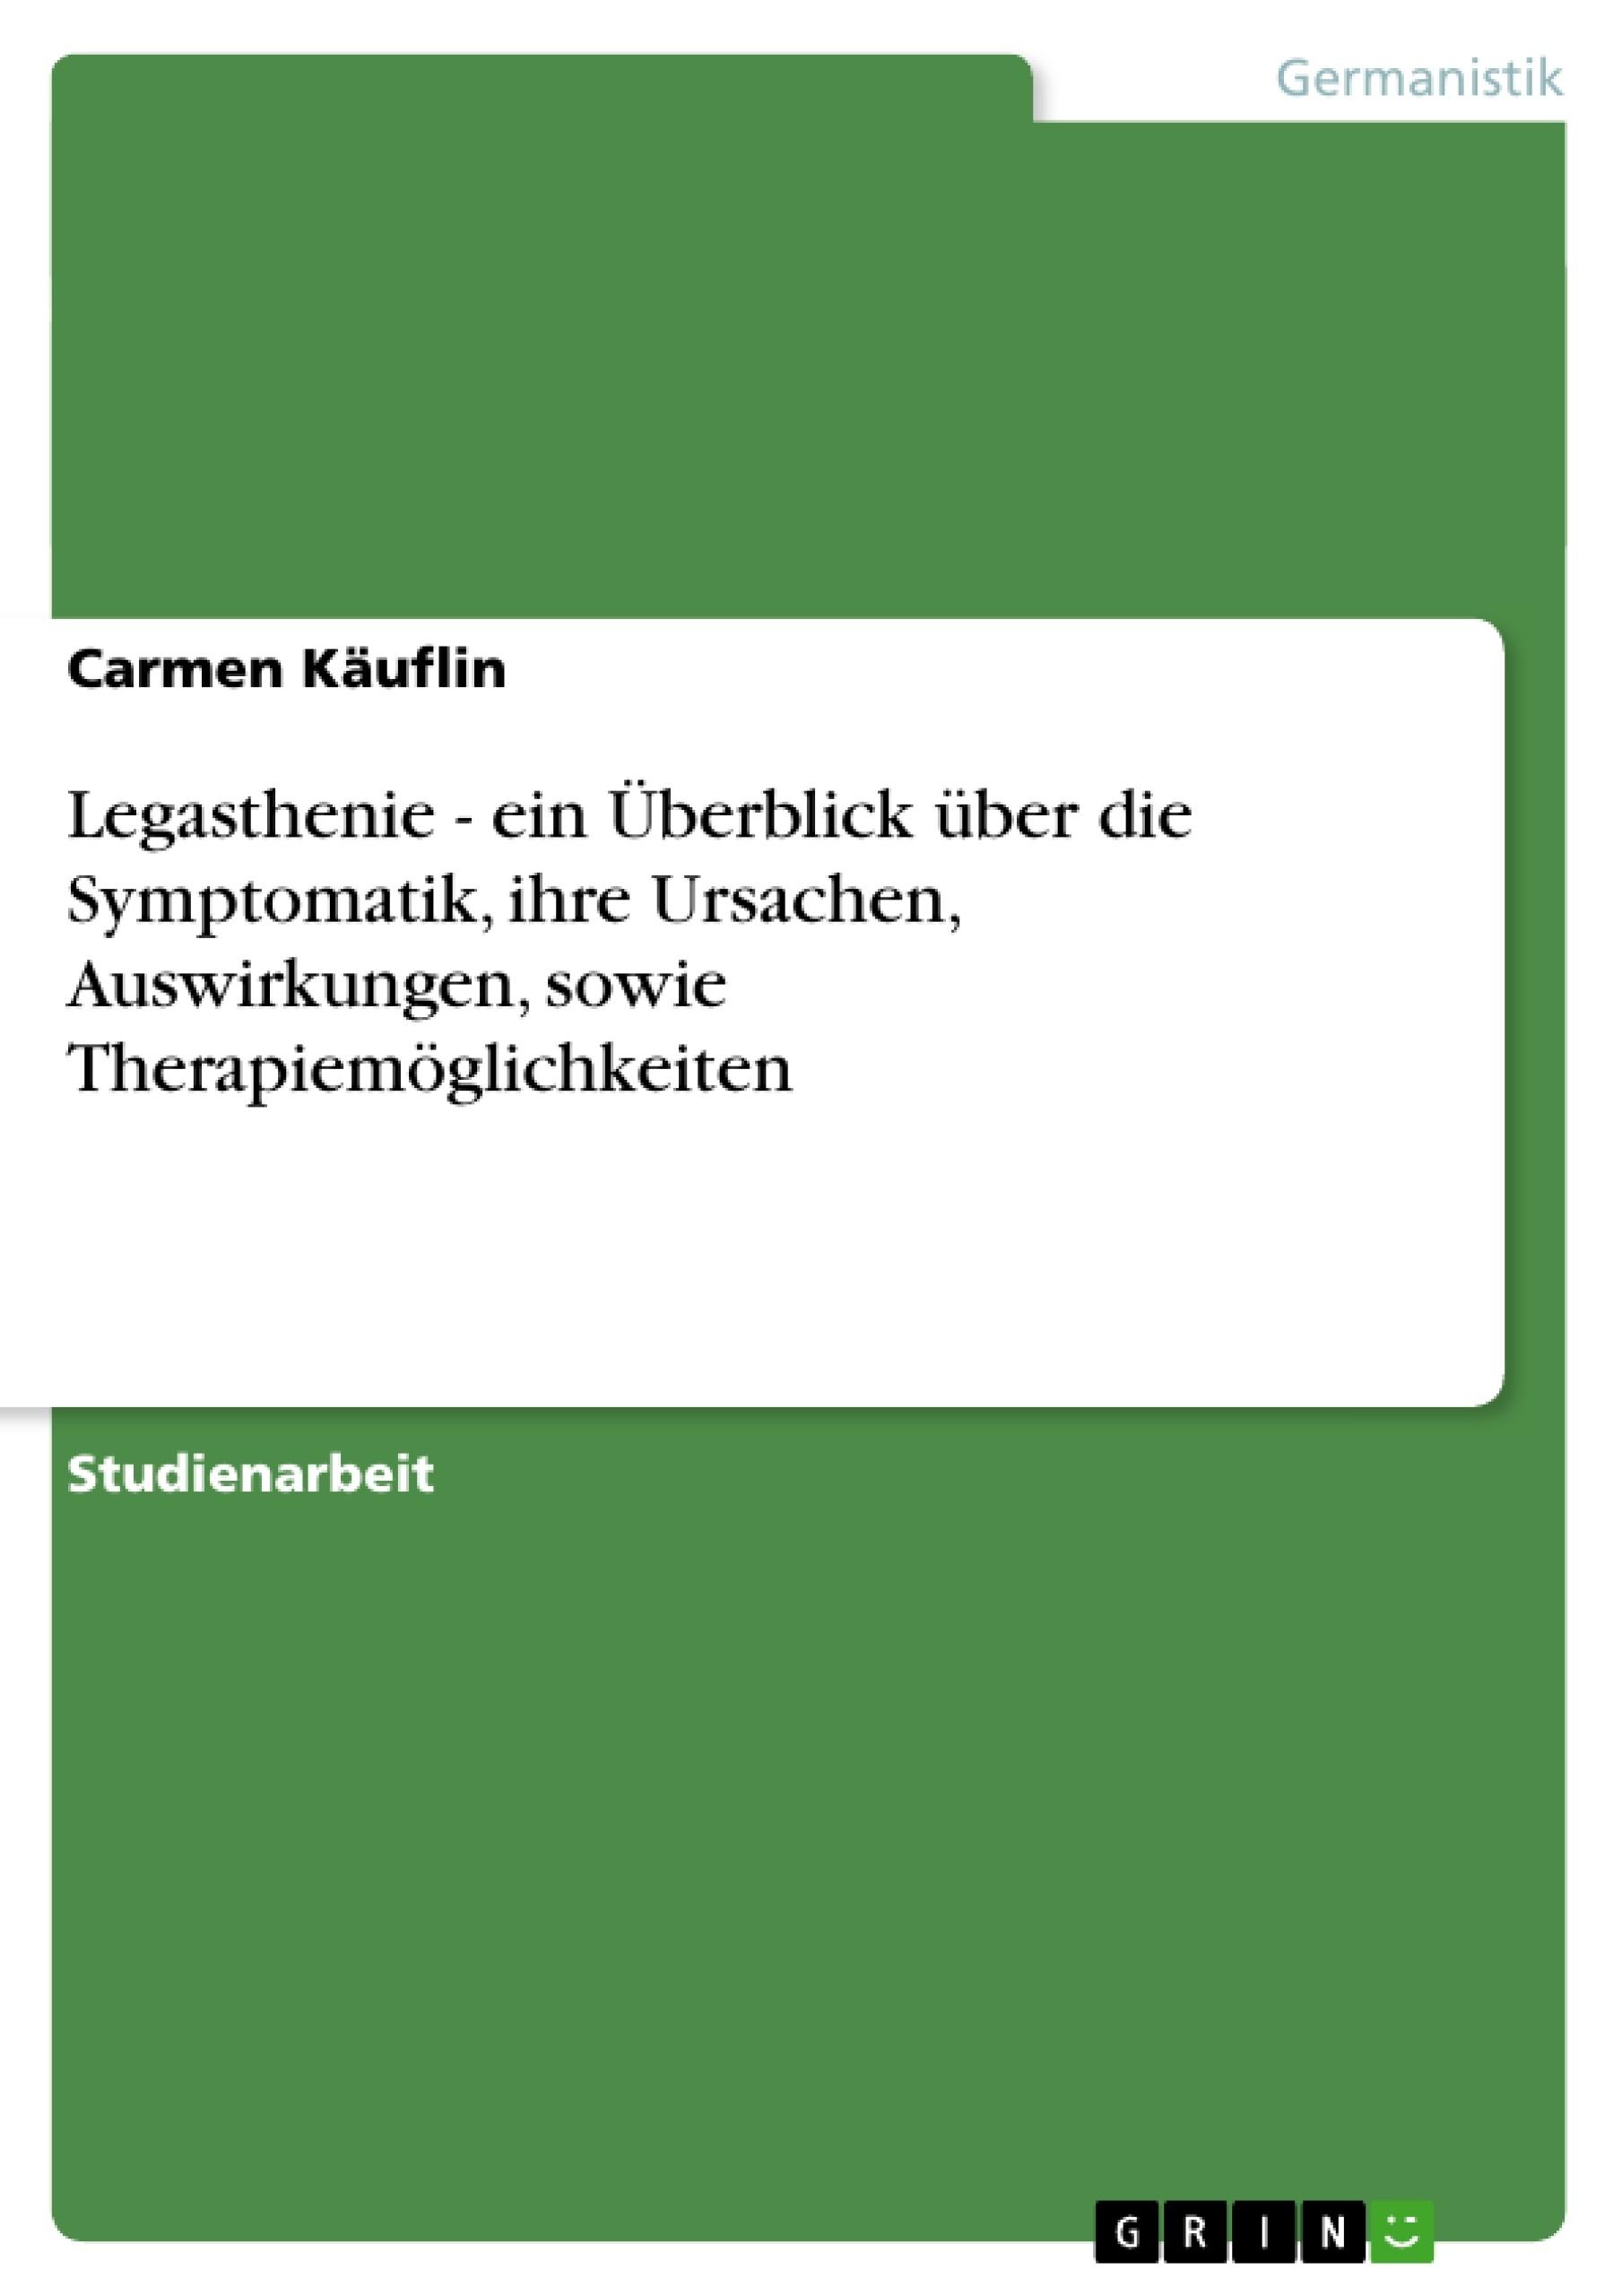 Titel: Legasthenie - ein Überblick über die Symptomatik, ihre Ursachen, Auswirkungen, sowie Therapiemöglichkeiten